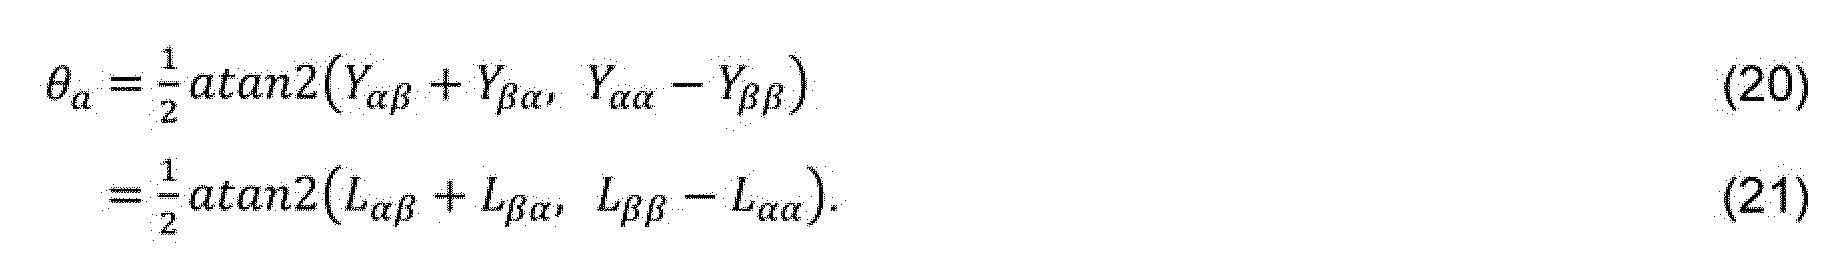 Figure imgf000008_0006